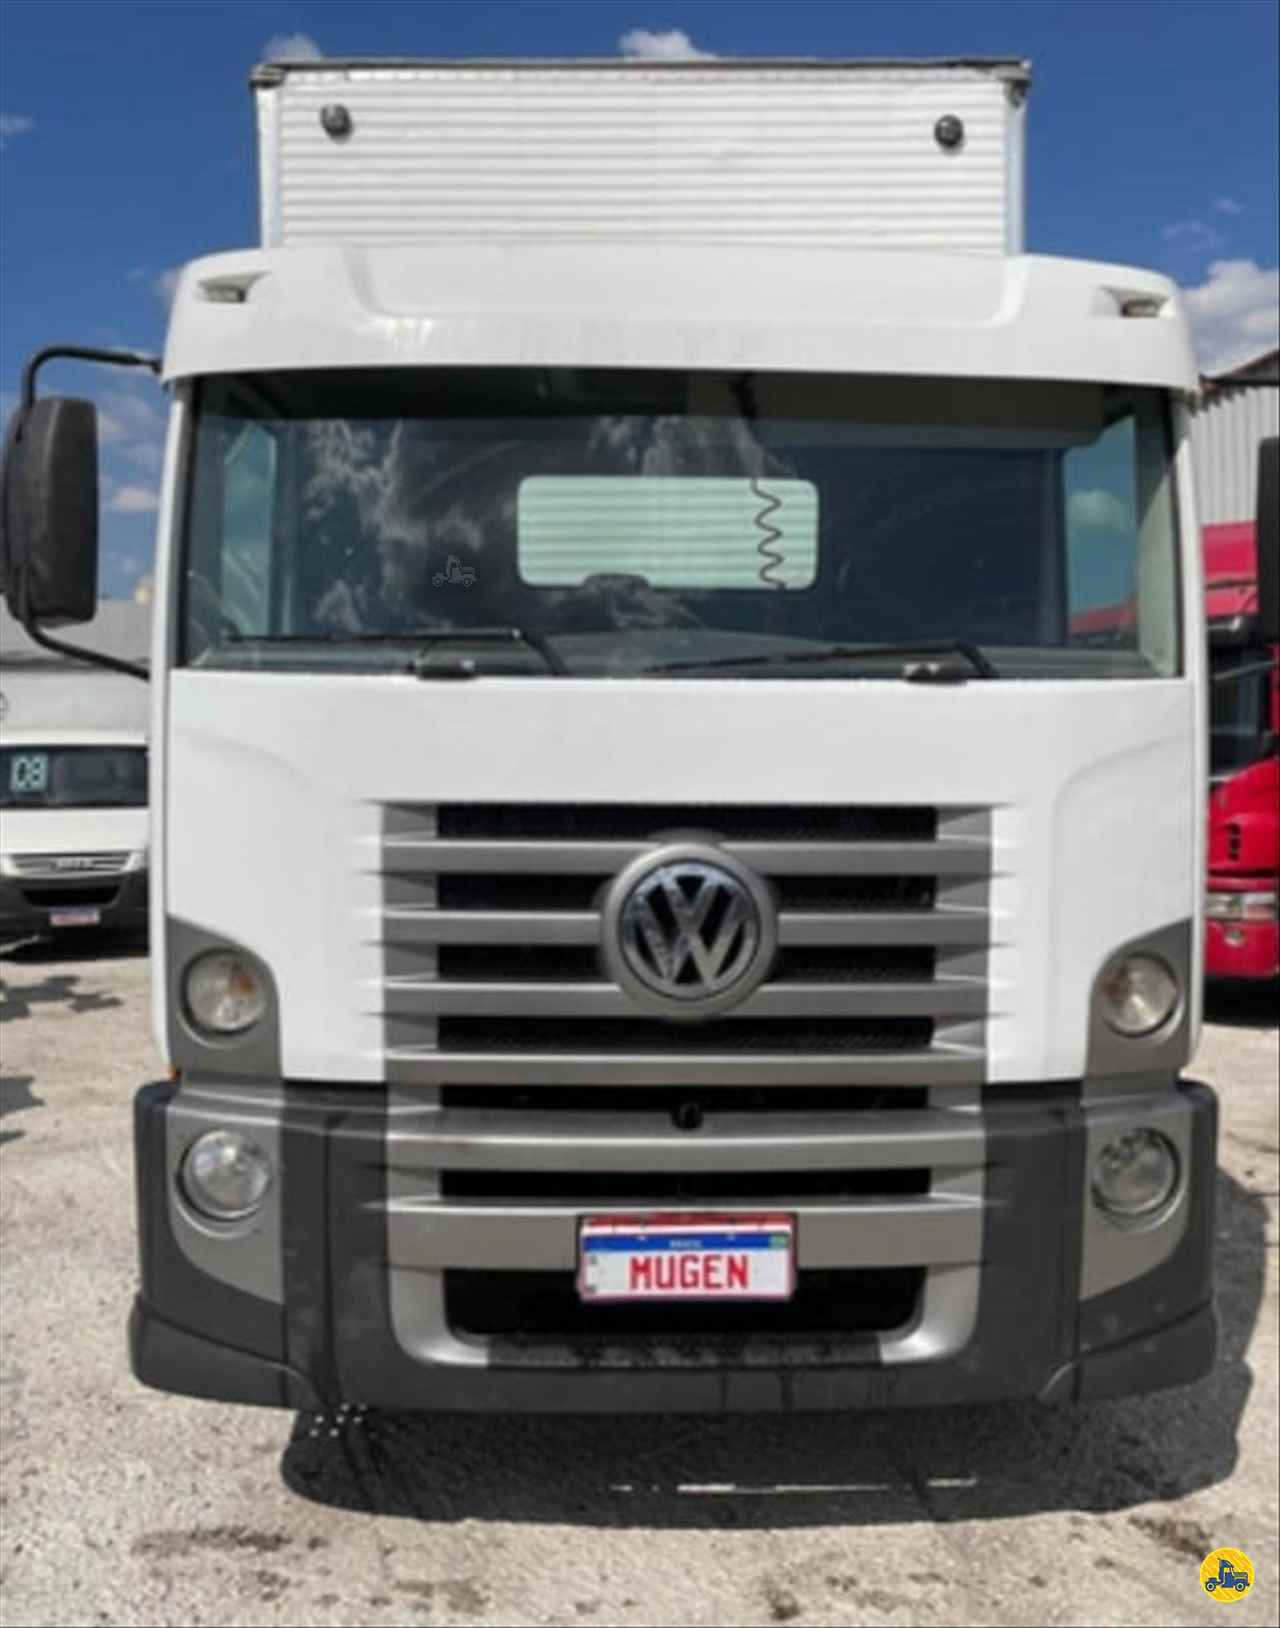 VW 15180 de Mugen Caminhões - GUARULHOS/SP